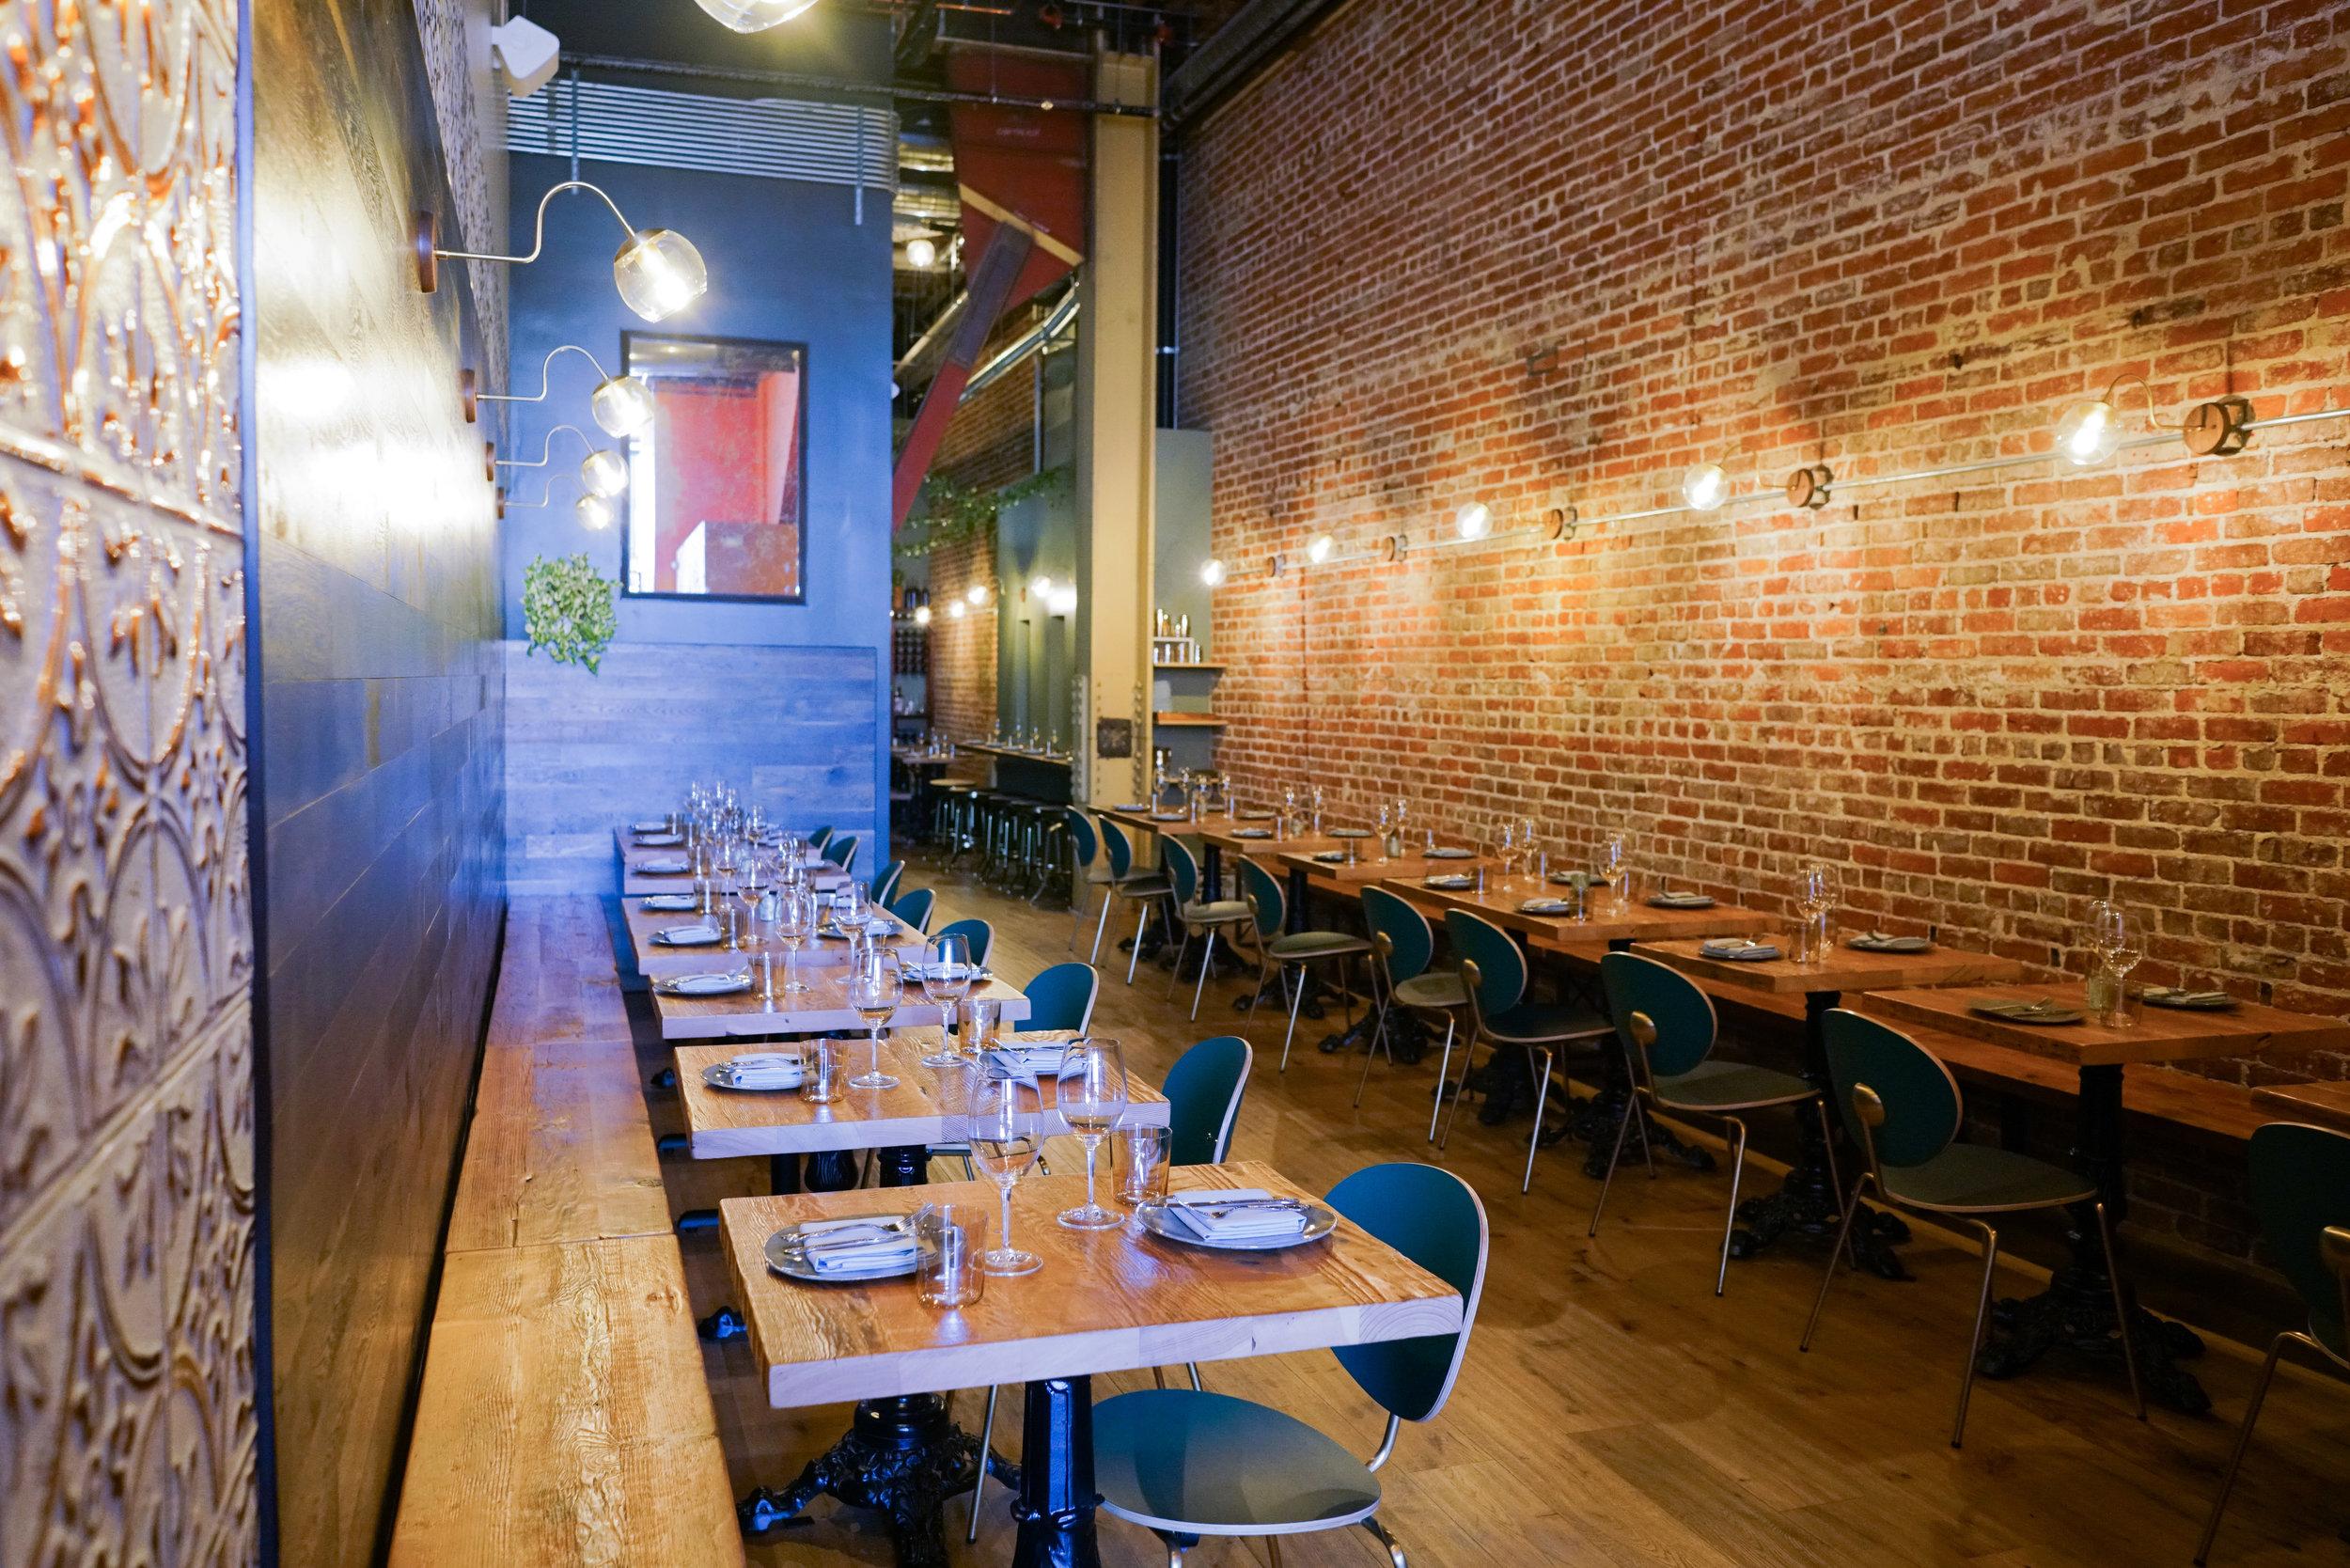 Otono_Dining-Room-1.jpg